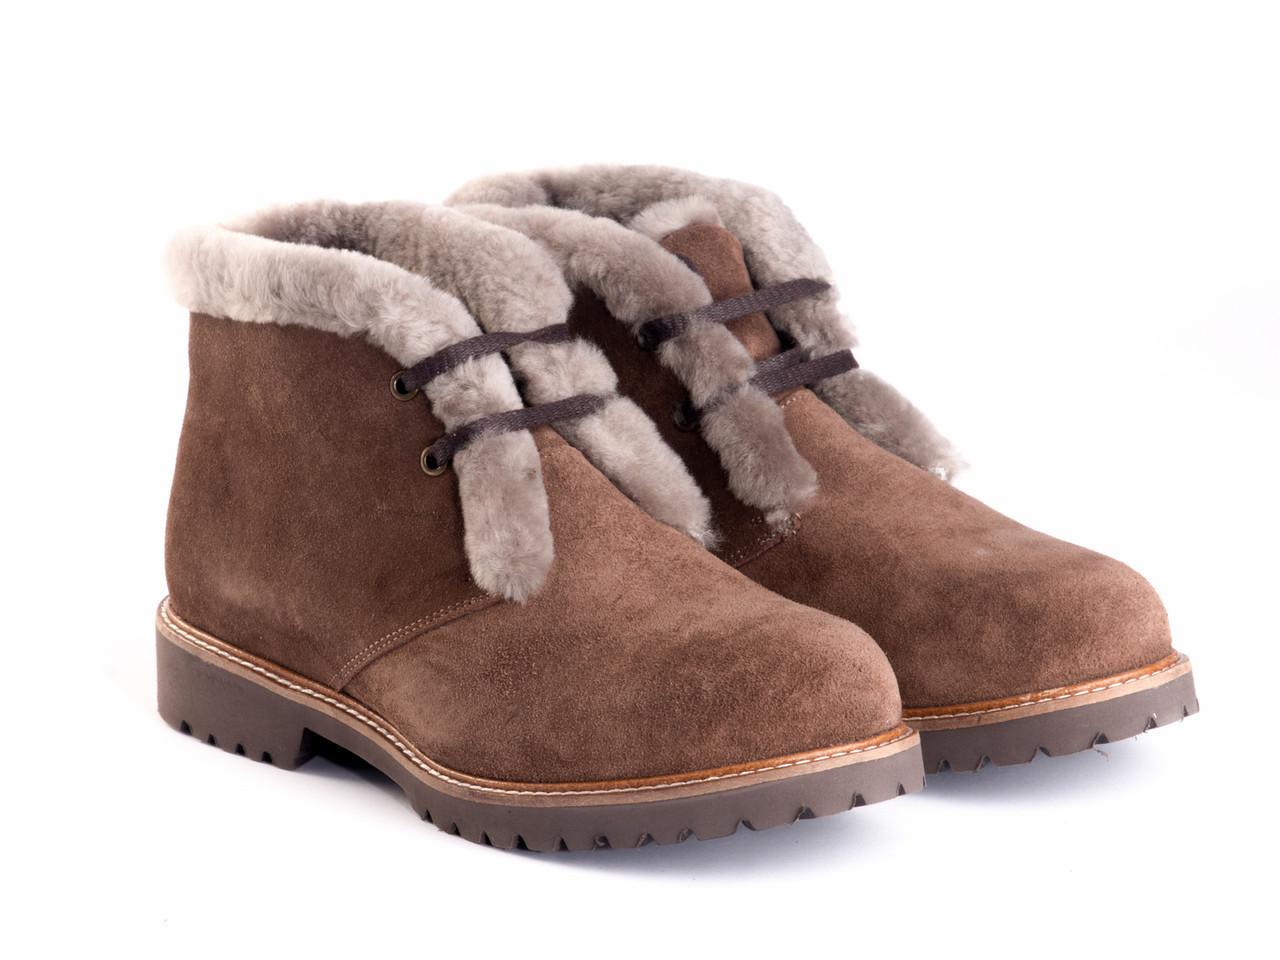 Ботинки Etor 5652-2298-0372 39 коричневые